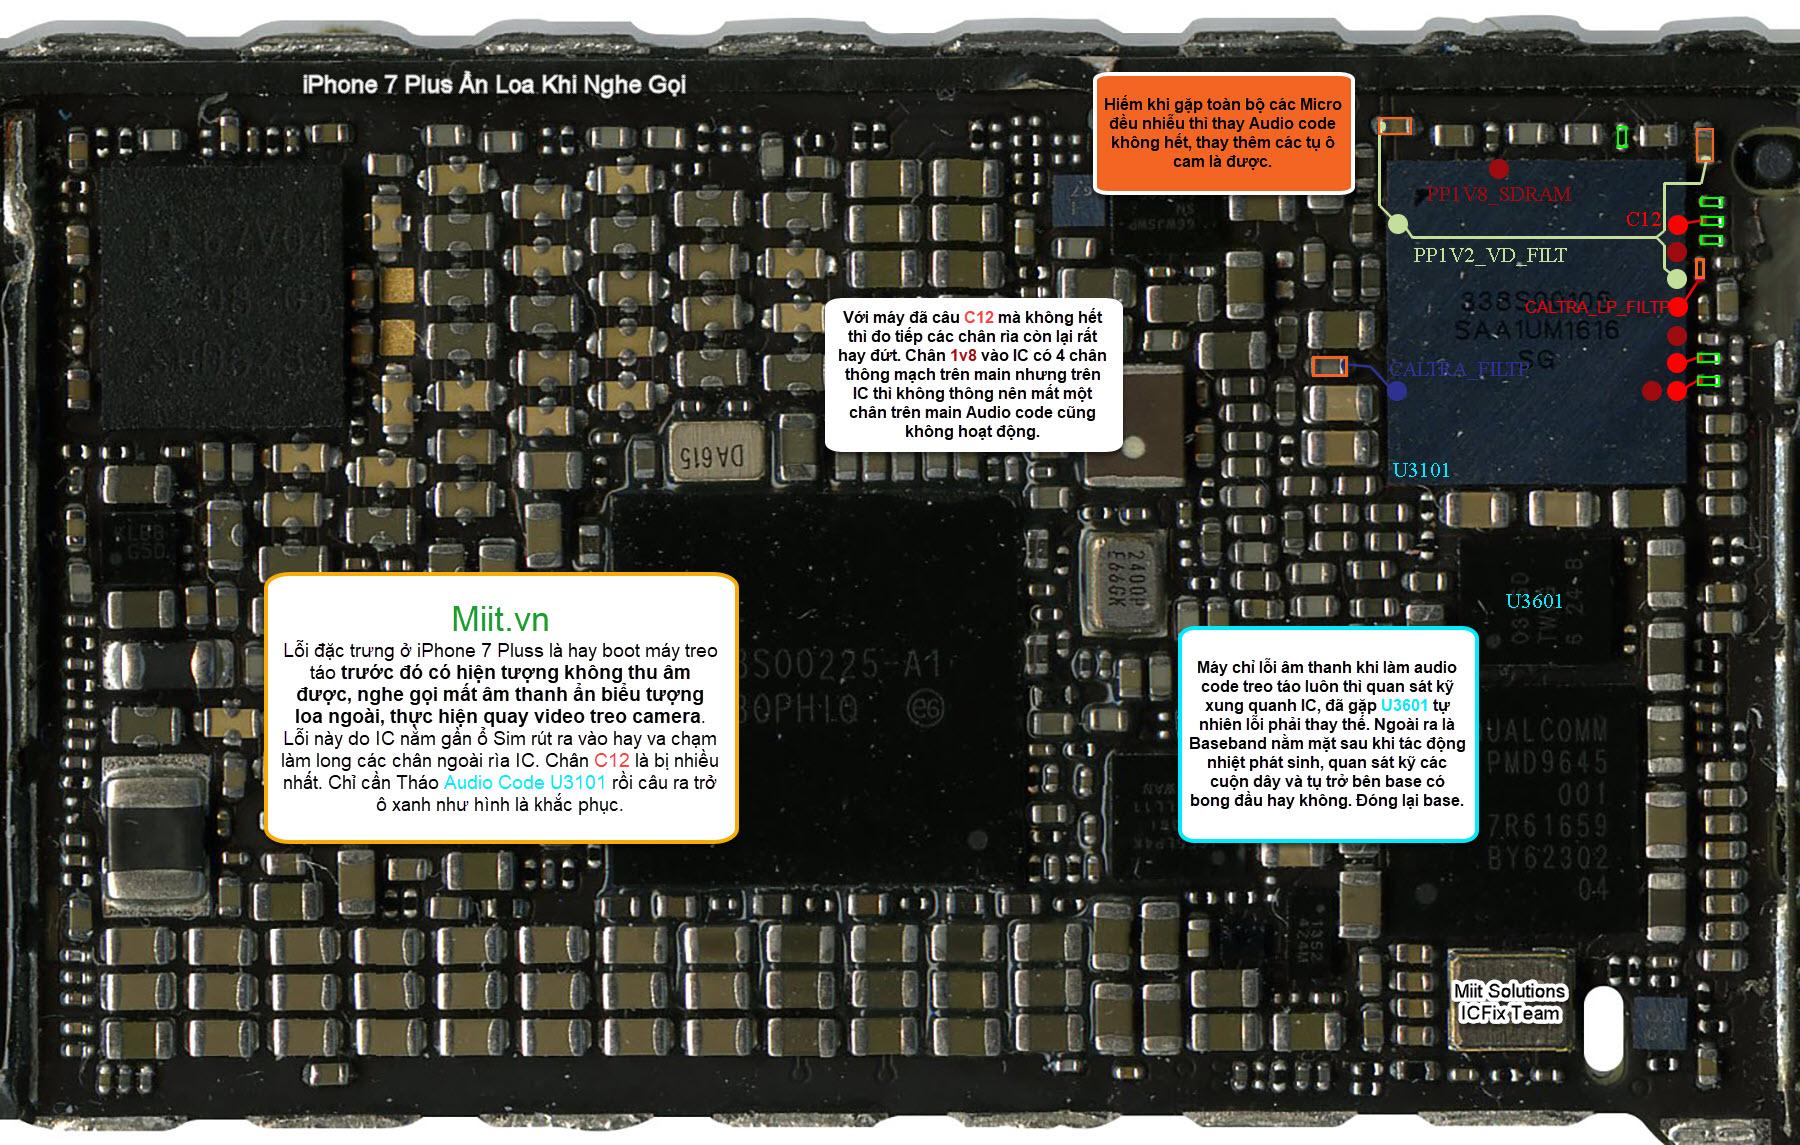 Sửa iPhone 7 Plus Mất Âm Thanh, Ẩn Loa Khi Nghe Gọi